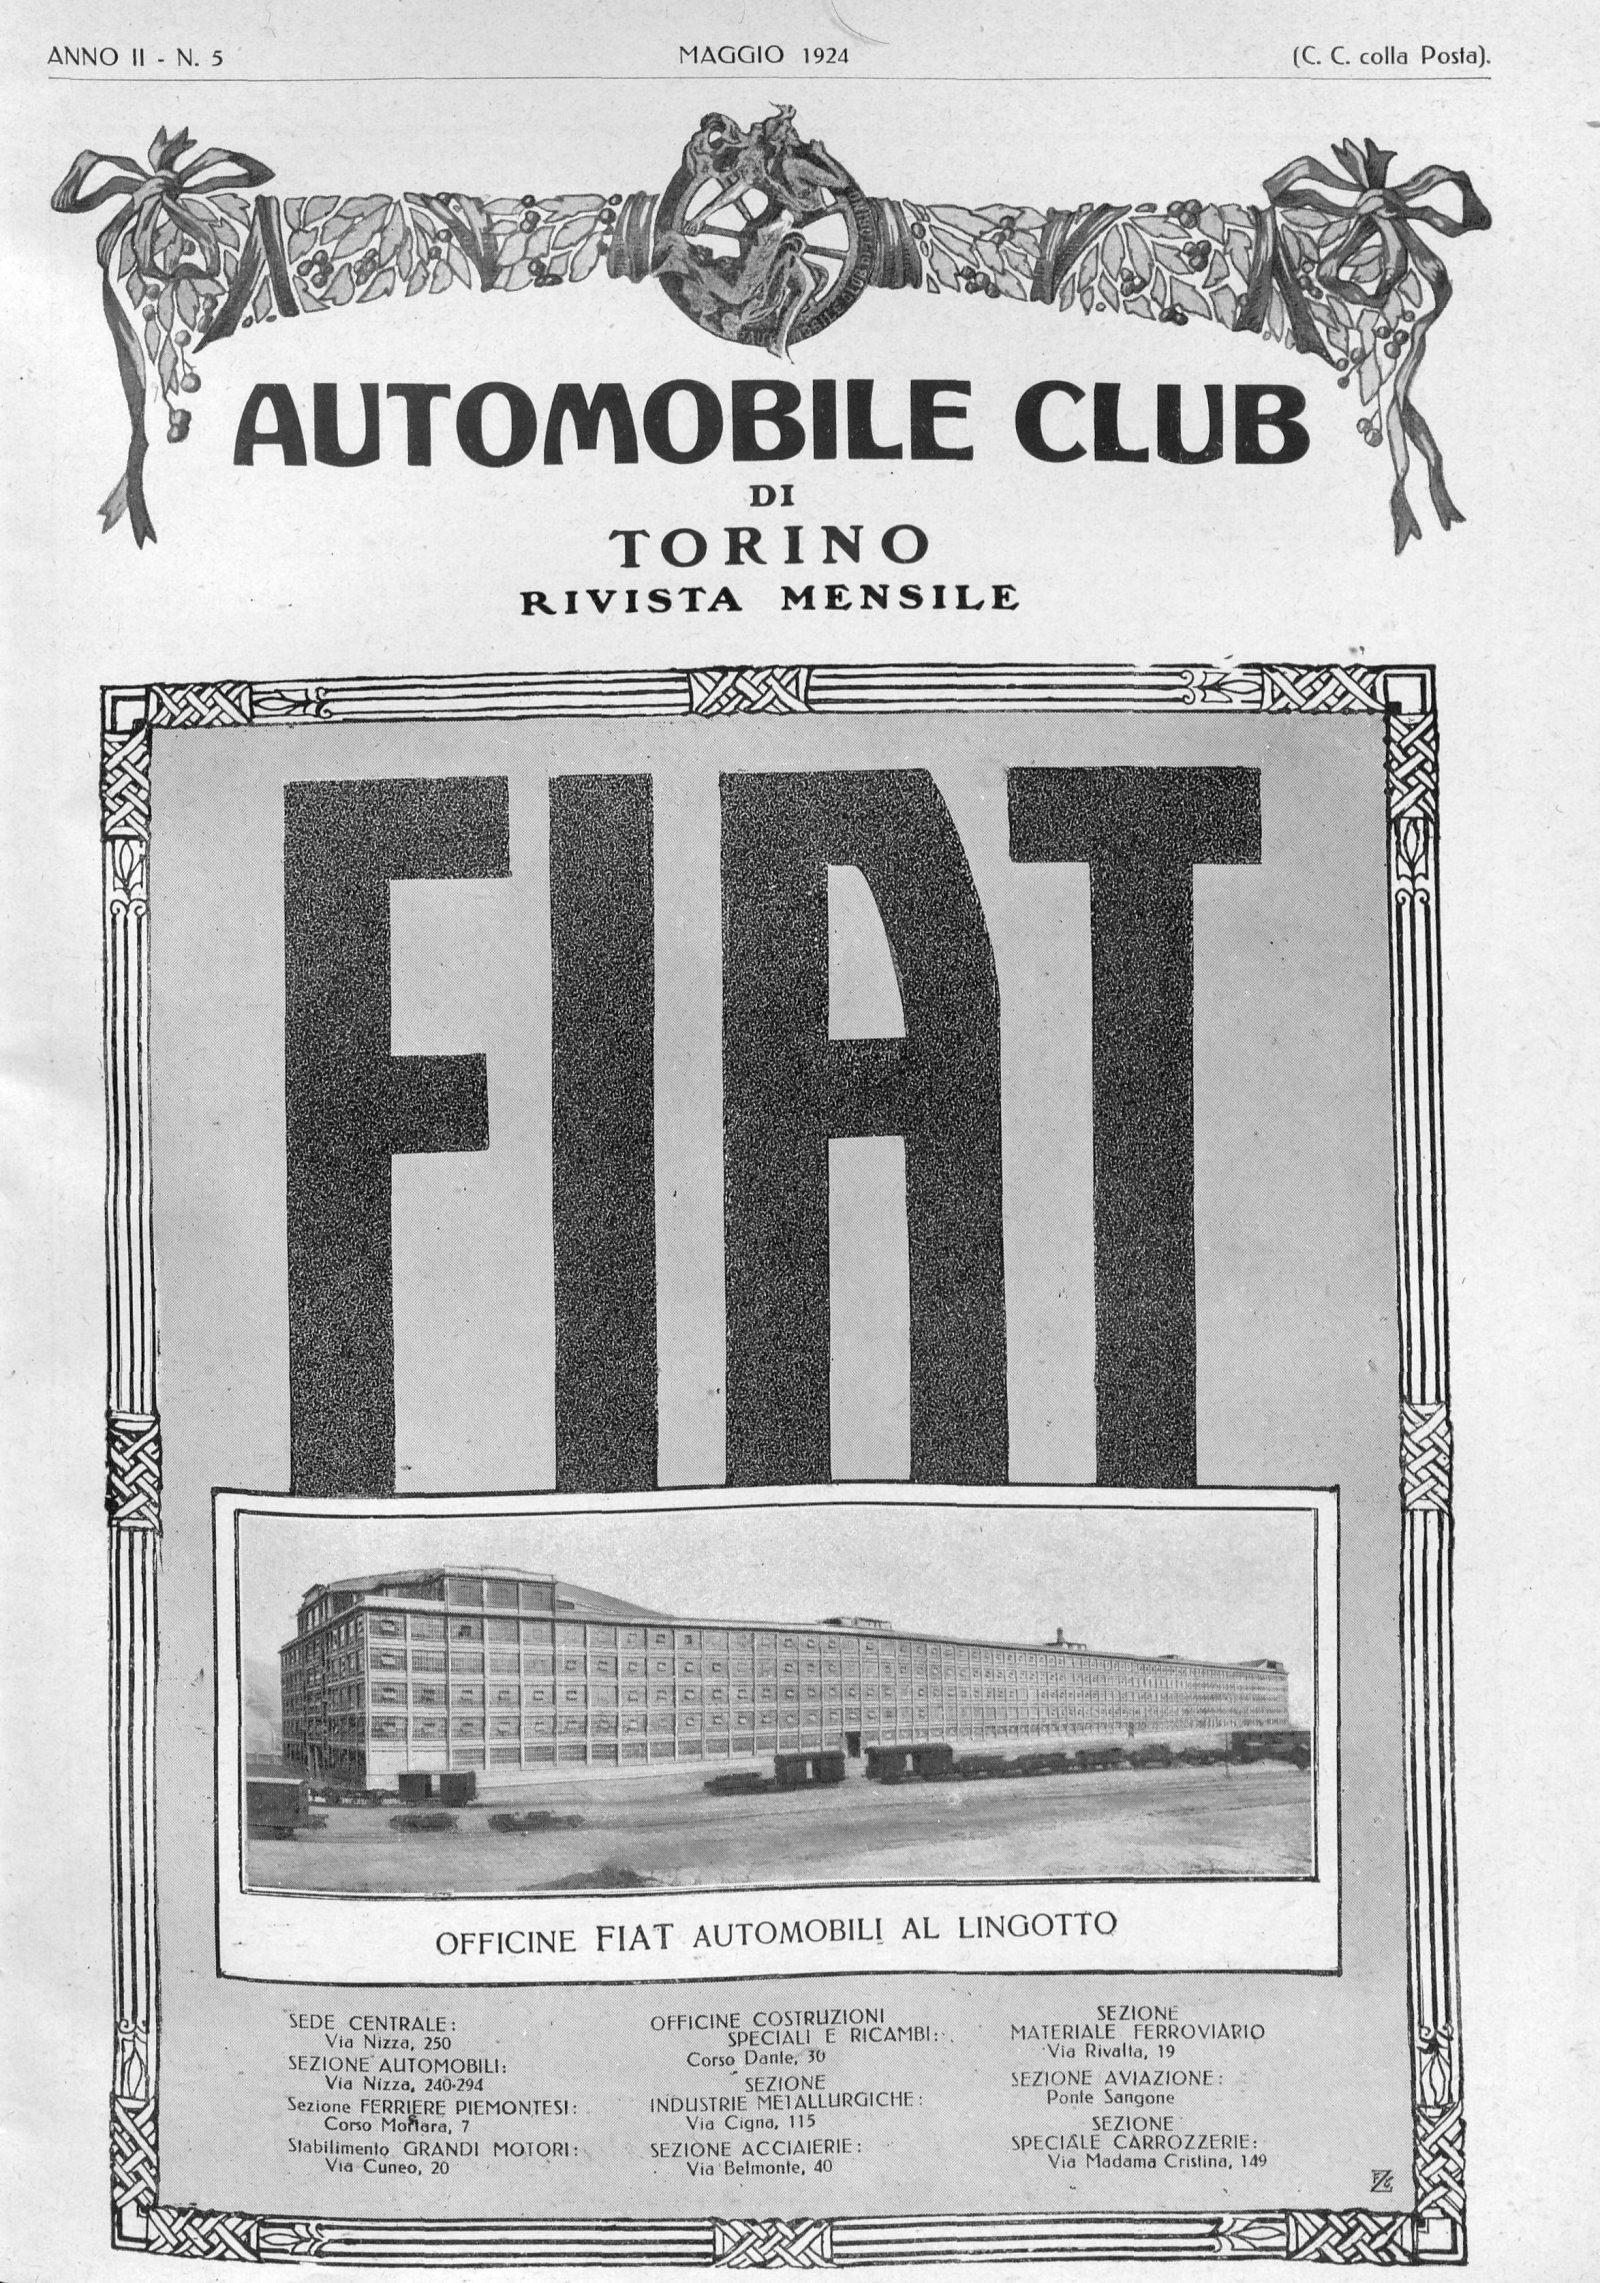 Stabilimento Fiat Lingotto, rivista mensile Automobile Club Torino, maggio 1924 (fonte: ACI)